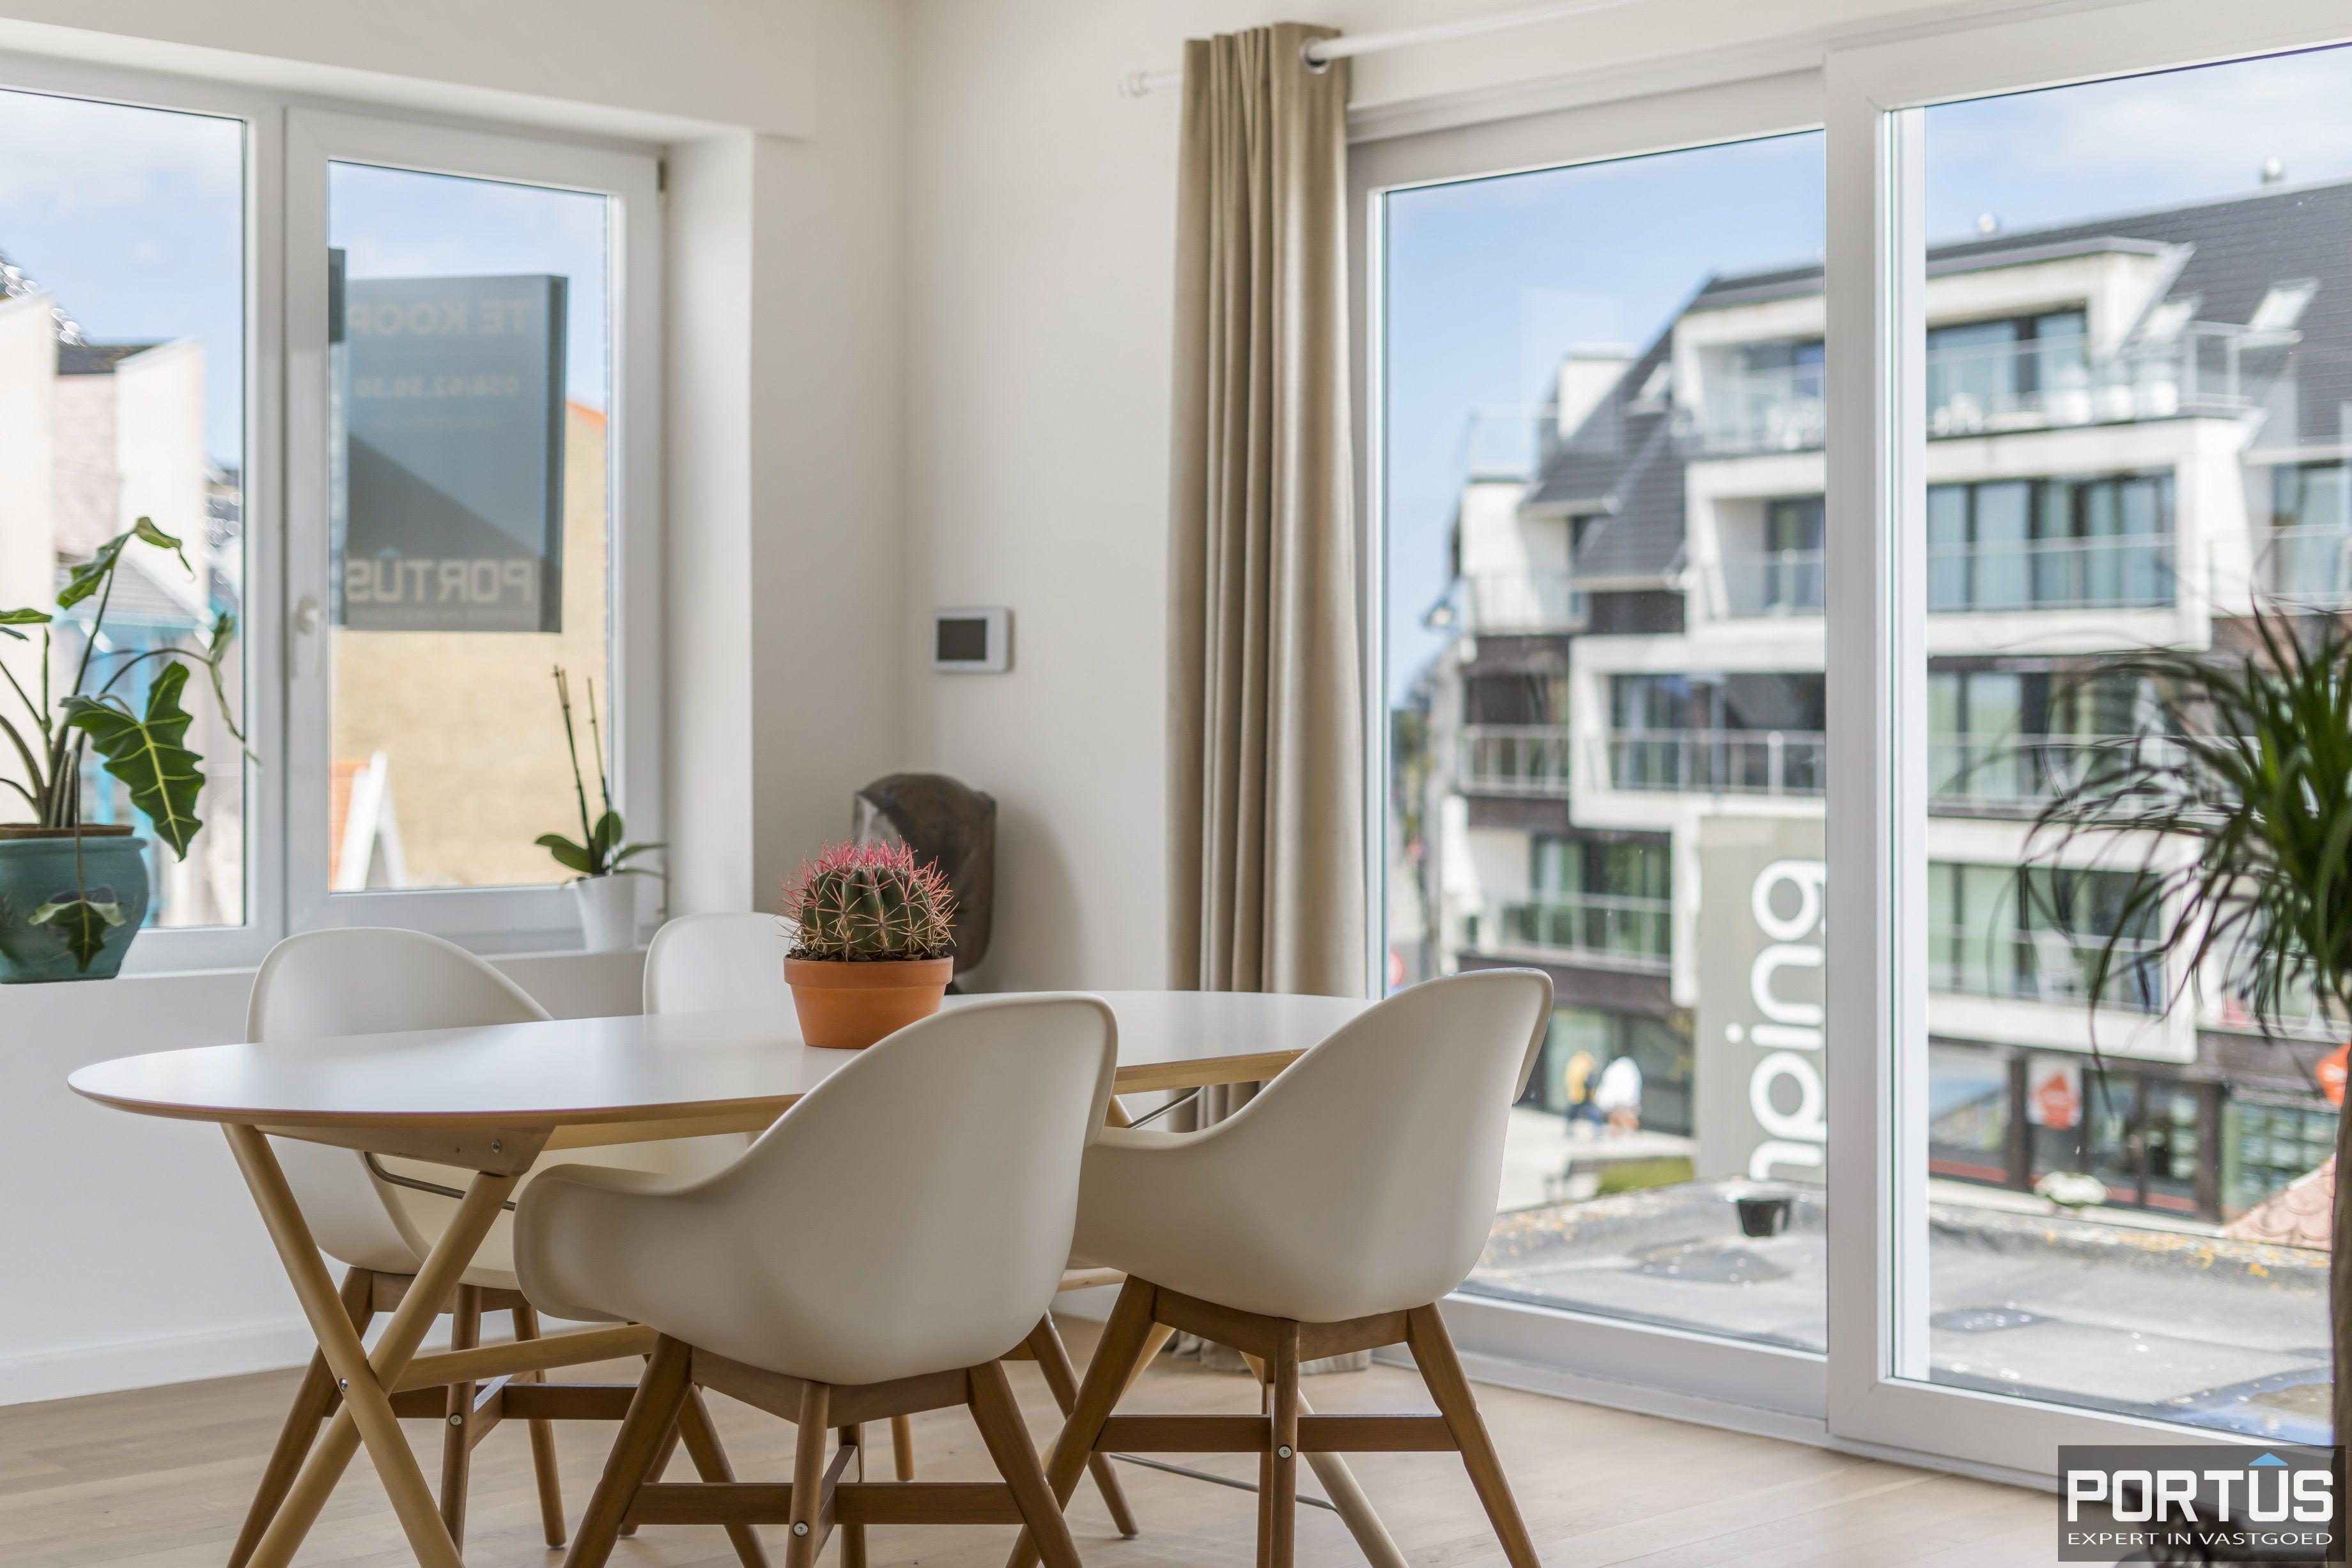 Appartement met 3 slaapkamers te koop te Westende - 12856